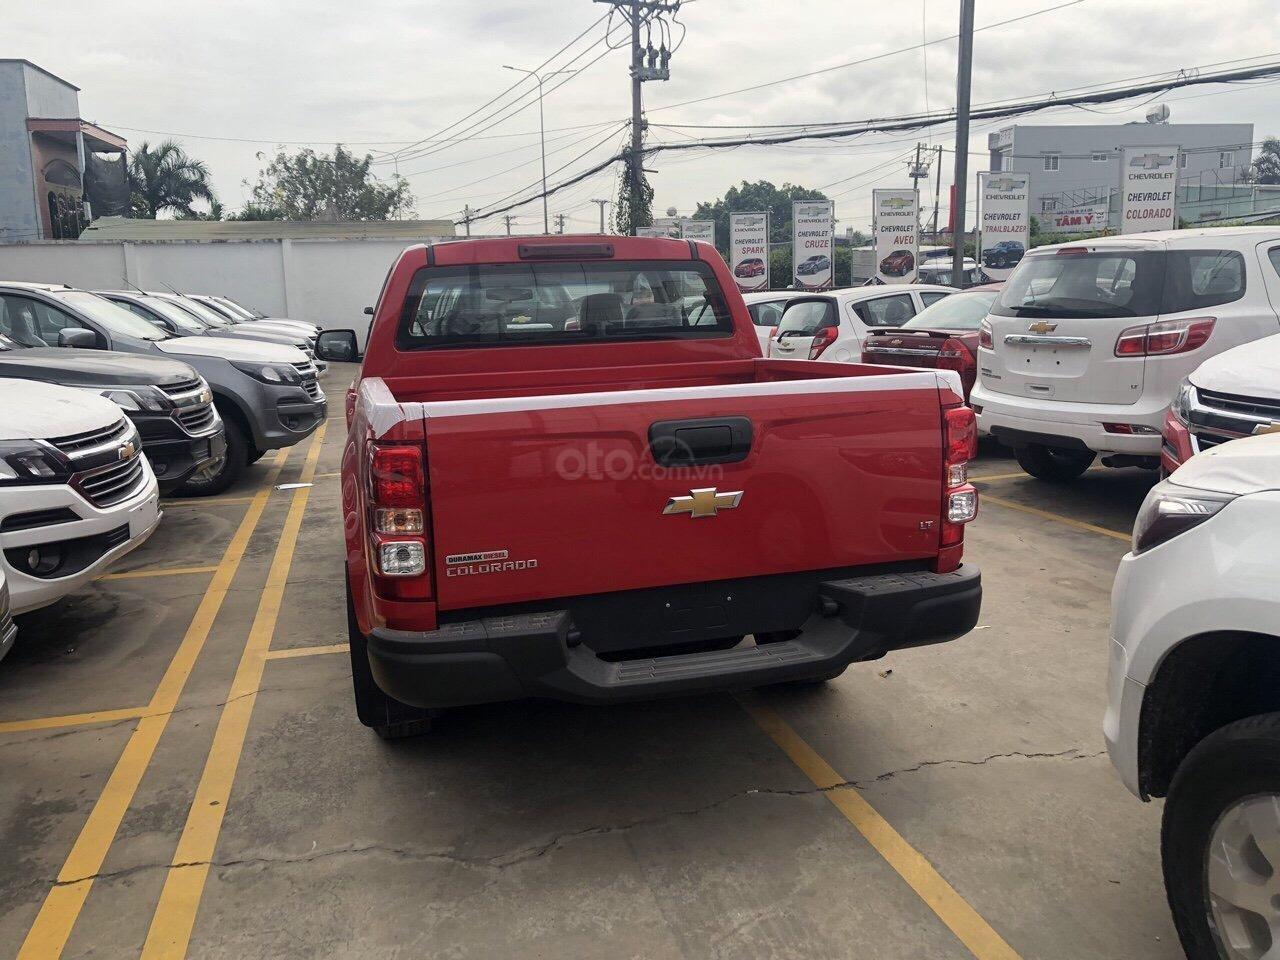 Bán Chevrolet Colorado 2.5L 4x4 AT LTZ, sản xuất năm 2018, giá 789tr, xe mới 100%, giao ngay-4